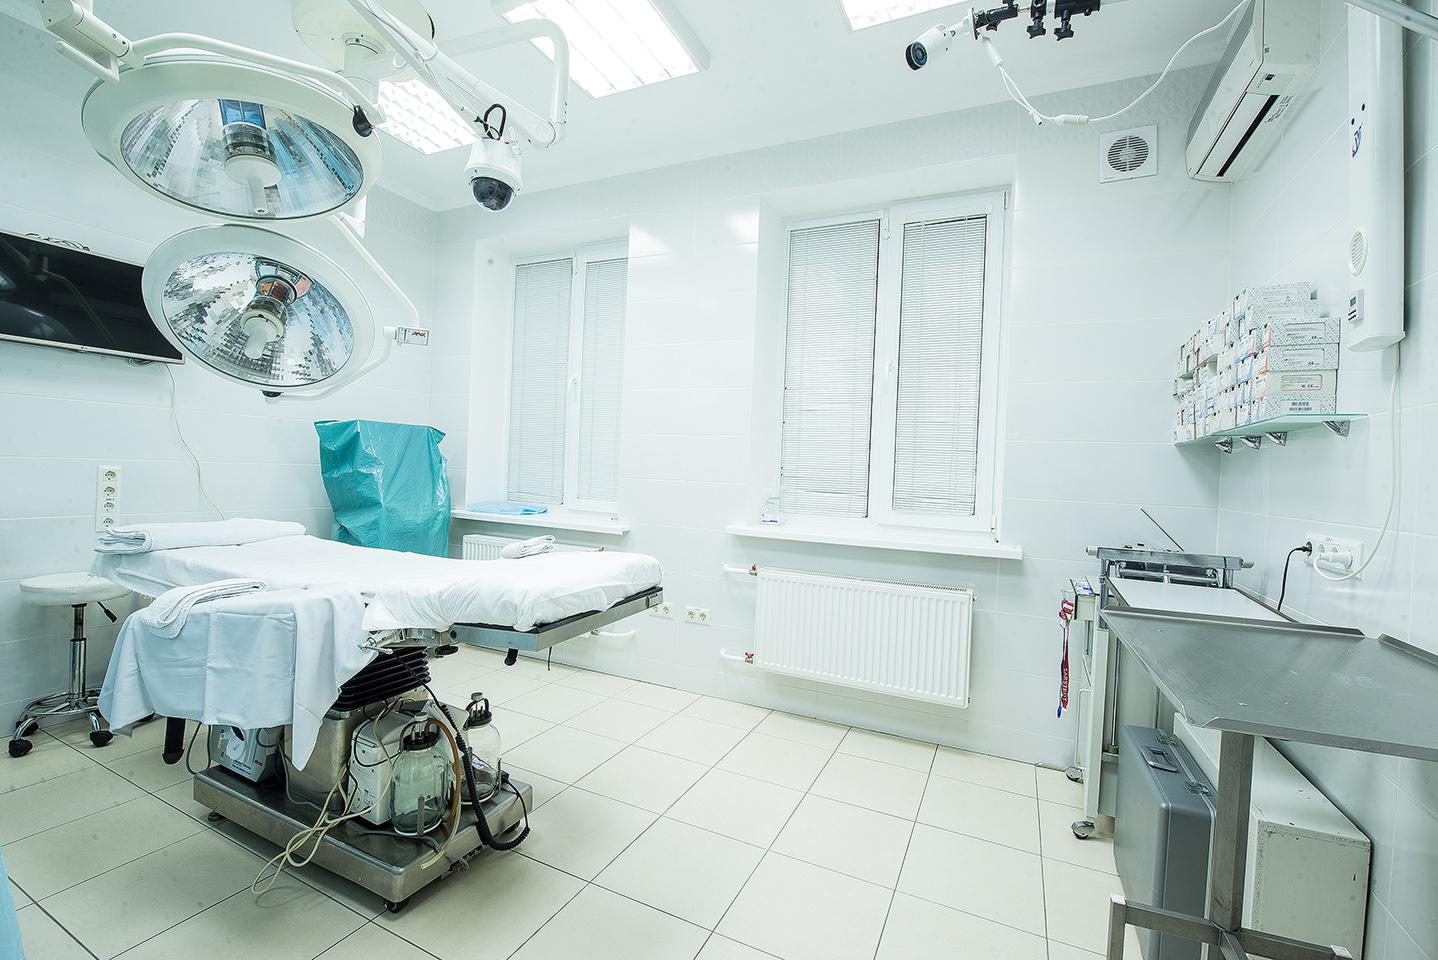 Високотехнологічна, оснащена новітнім обладнанням операційна клініки АНА-КОСМОВ операційній оперували найвідоміші пластичні хірурги світу, які оцінили її високу технологічність.У АНА-КОСМО використовується ксеноновий наркоз - найбезпечнішийу світі; на Заході його застосовують навіть яклікувальний сон!